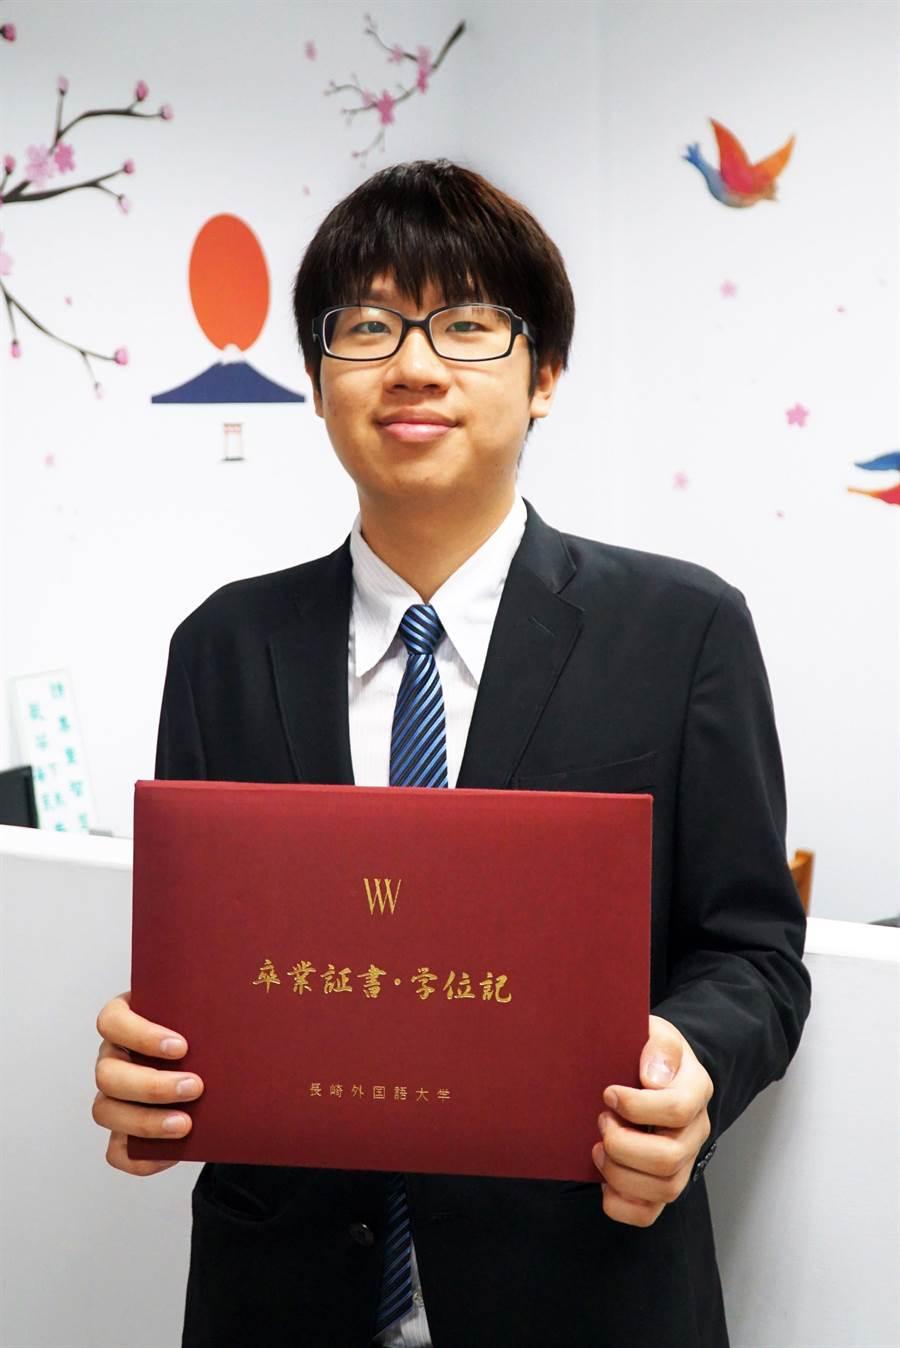 日本留學取得雙聯學位,讓大葉大學應日系學生林家民獲得日商KPG集團的渡假村工作機會。(謝瓊雲攝)